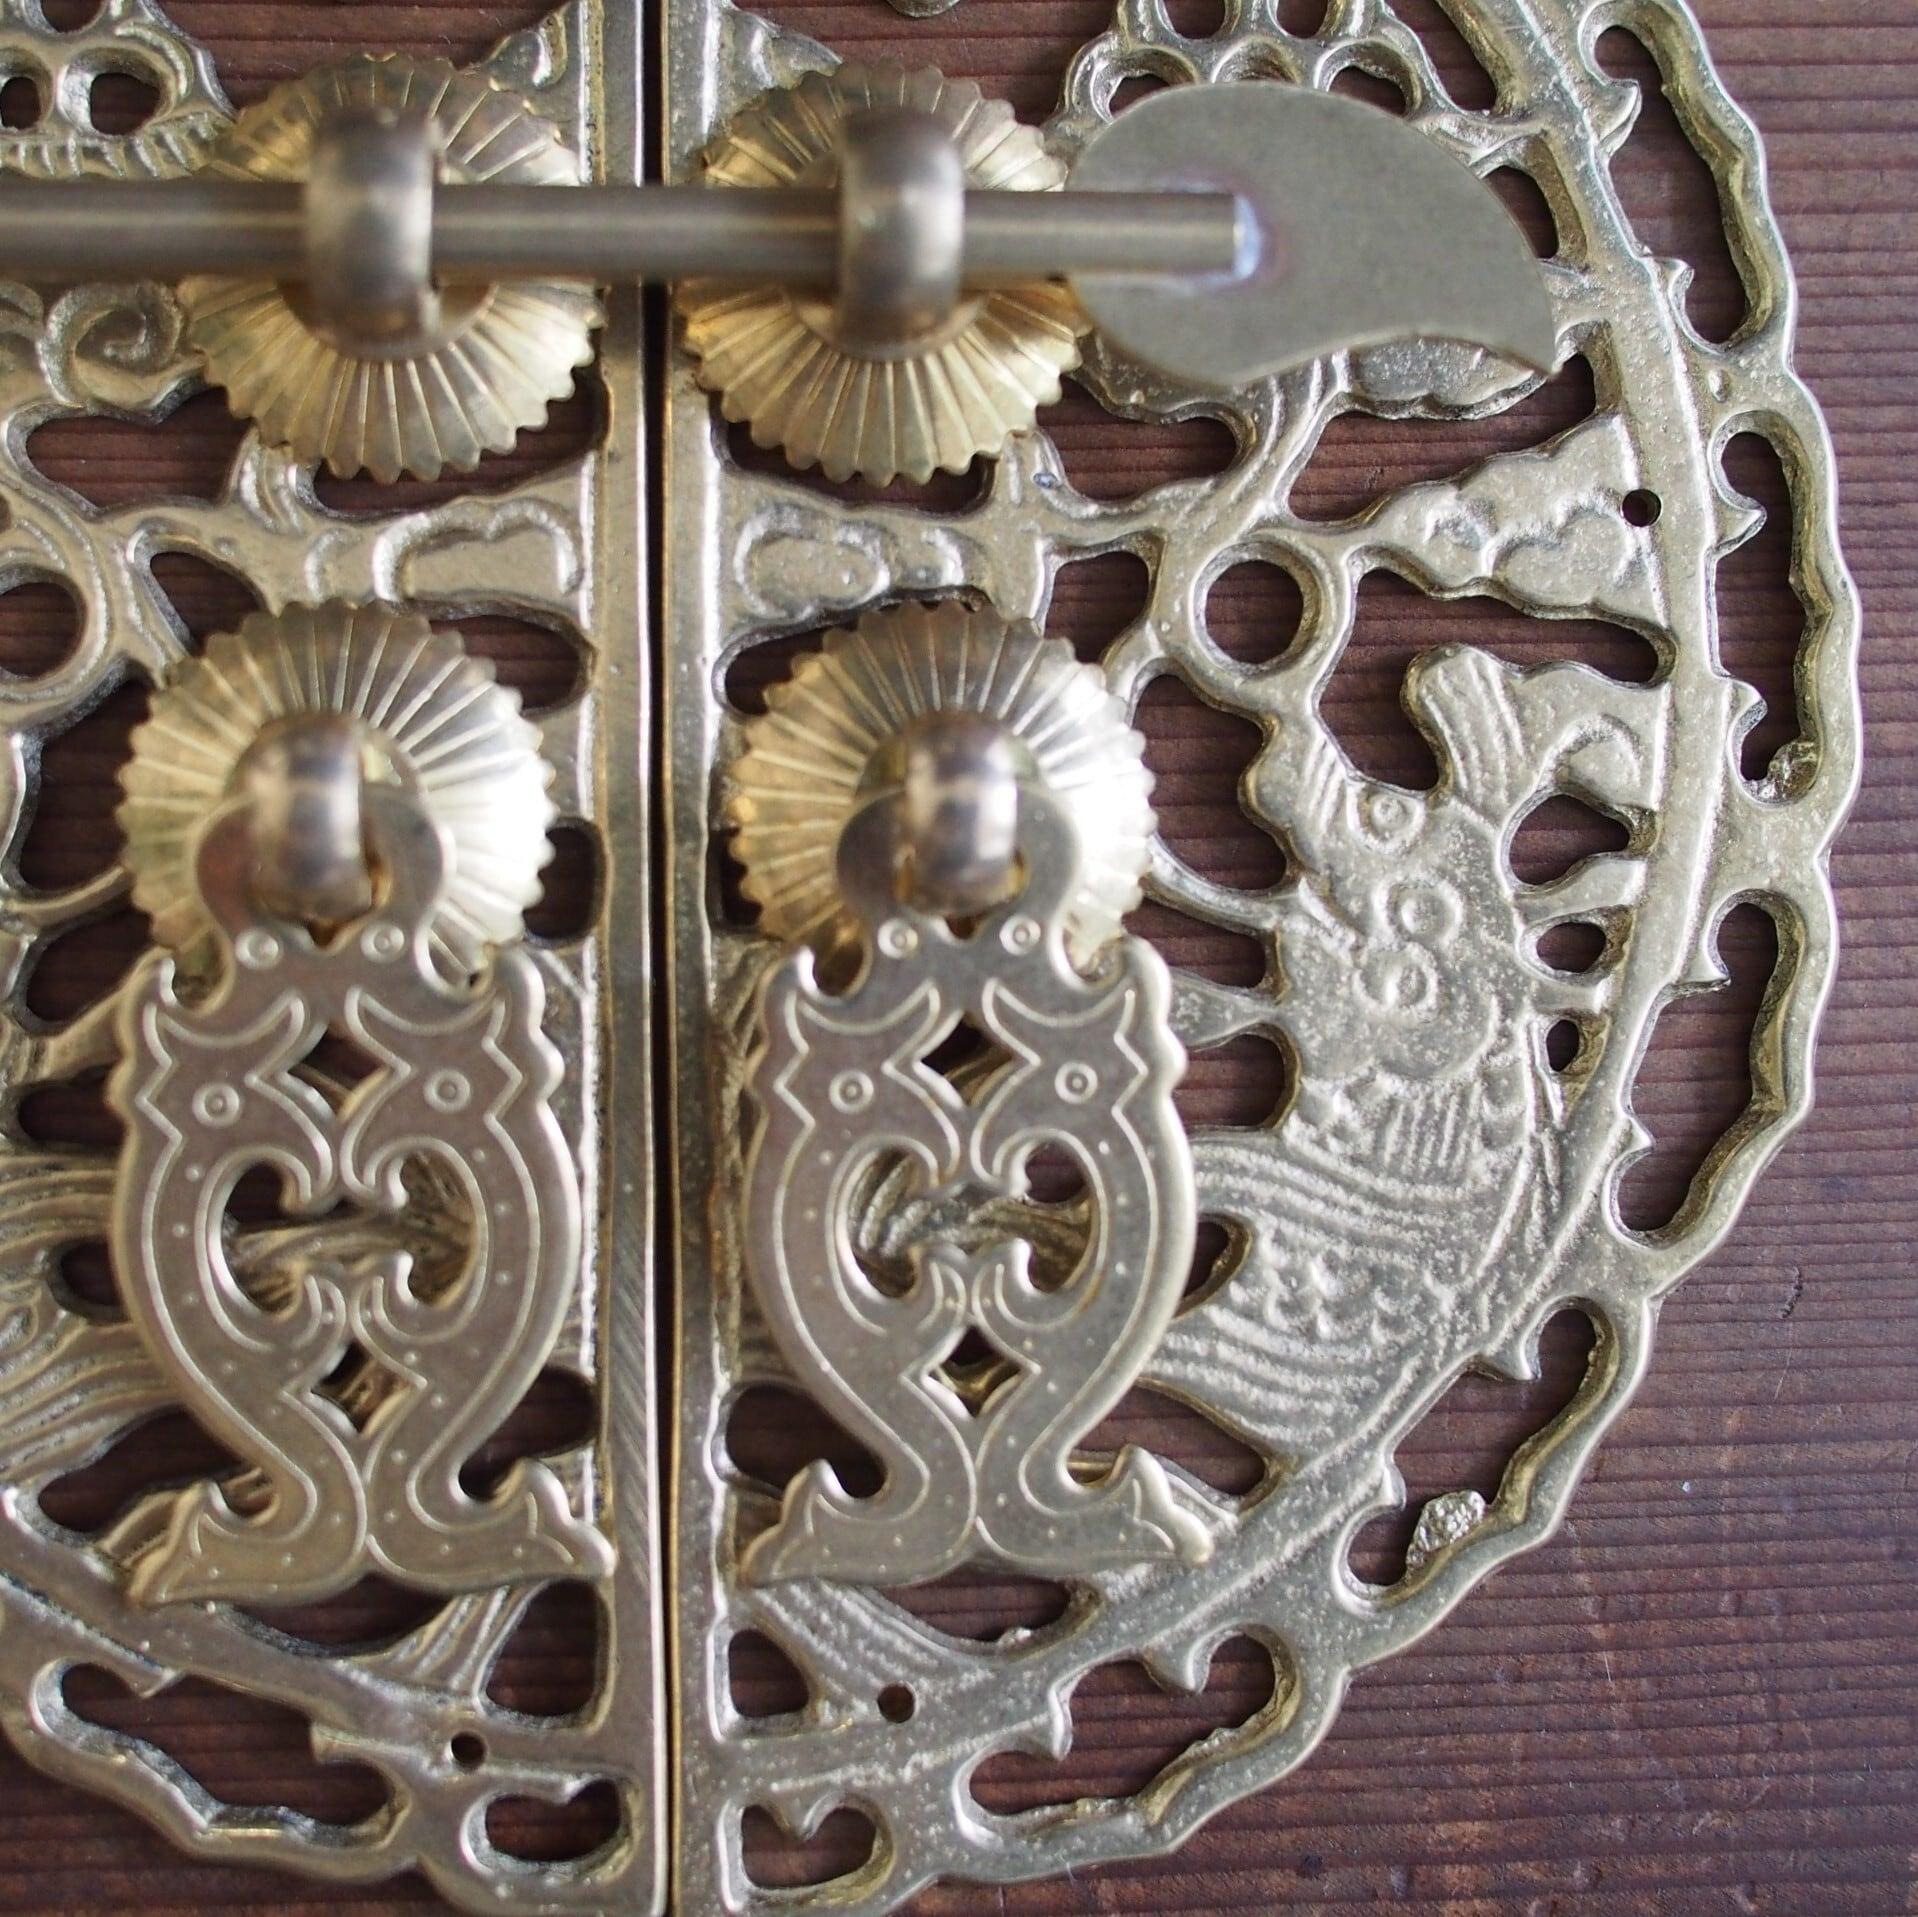 『オリエンタル金具/吉祥双魚』錠付きドア飾り/取っ手【中国真鍮金具】